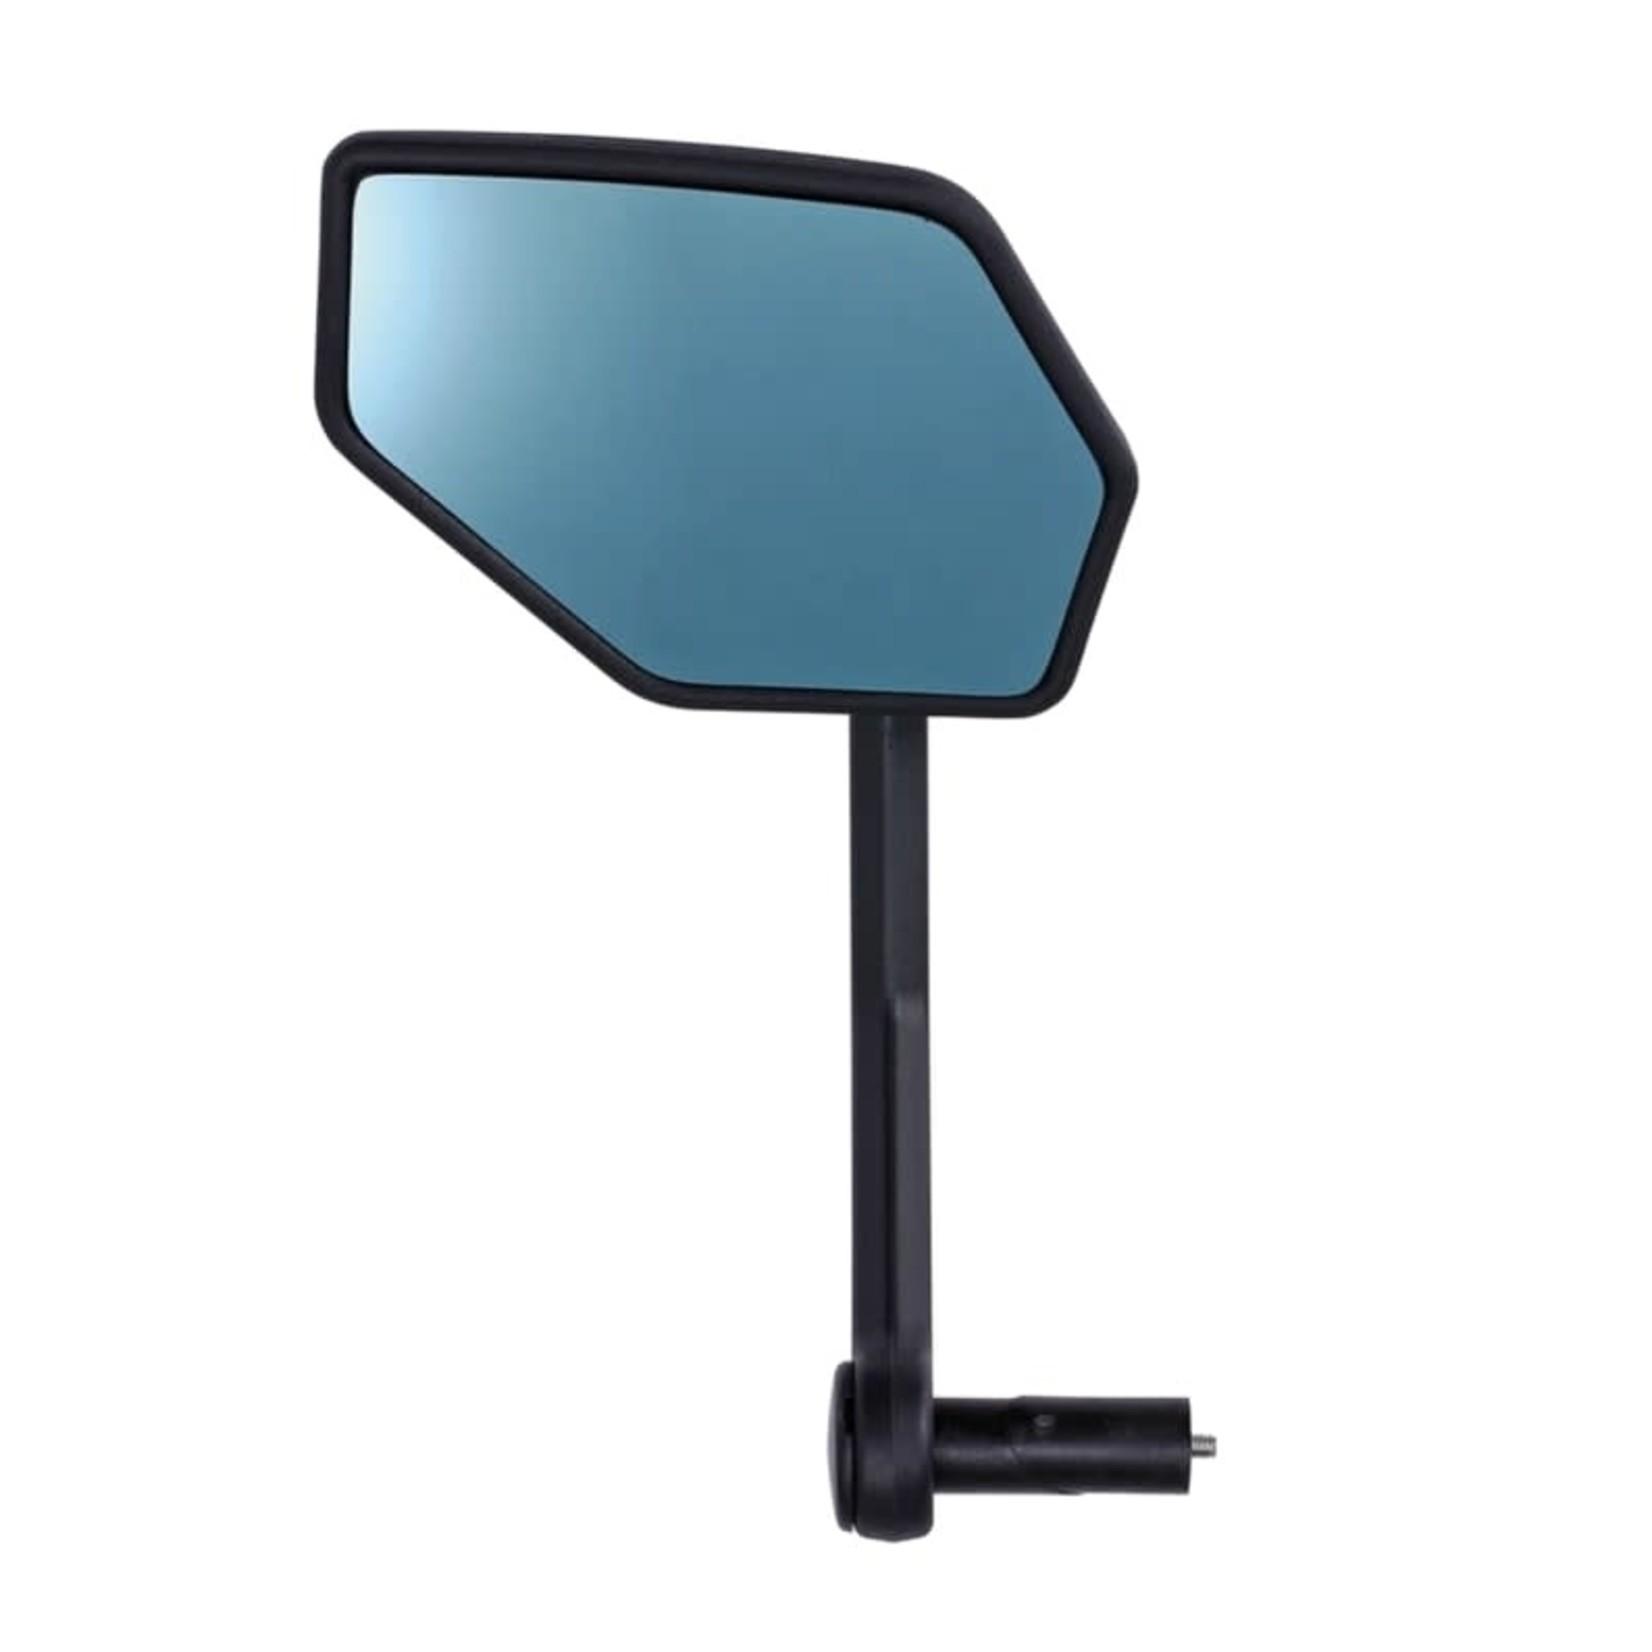 BBB BBB E-view Mirror